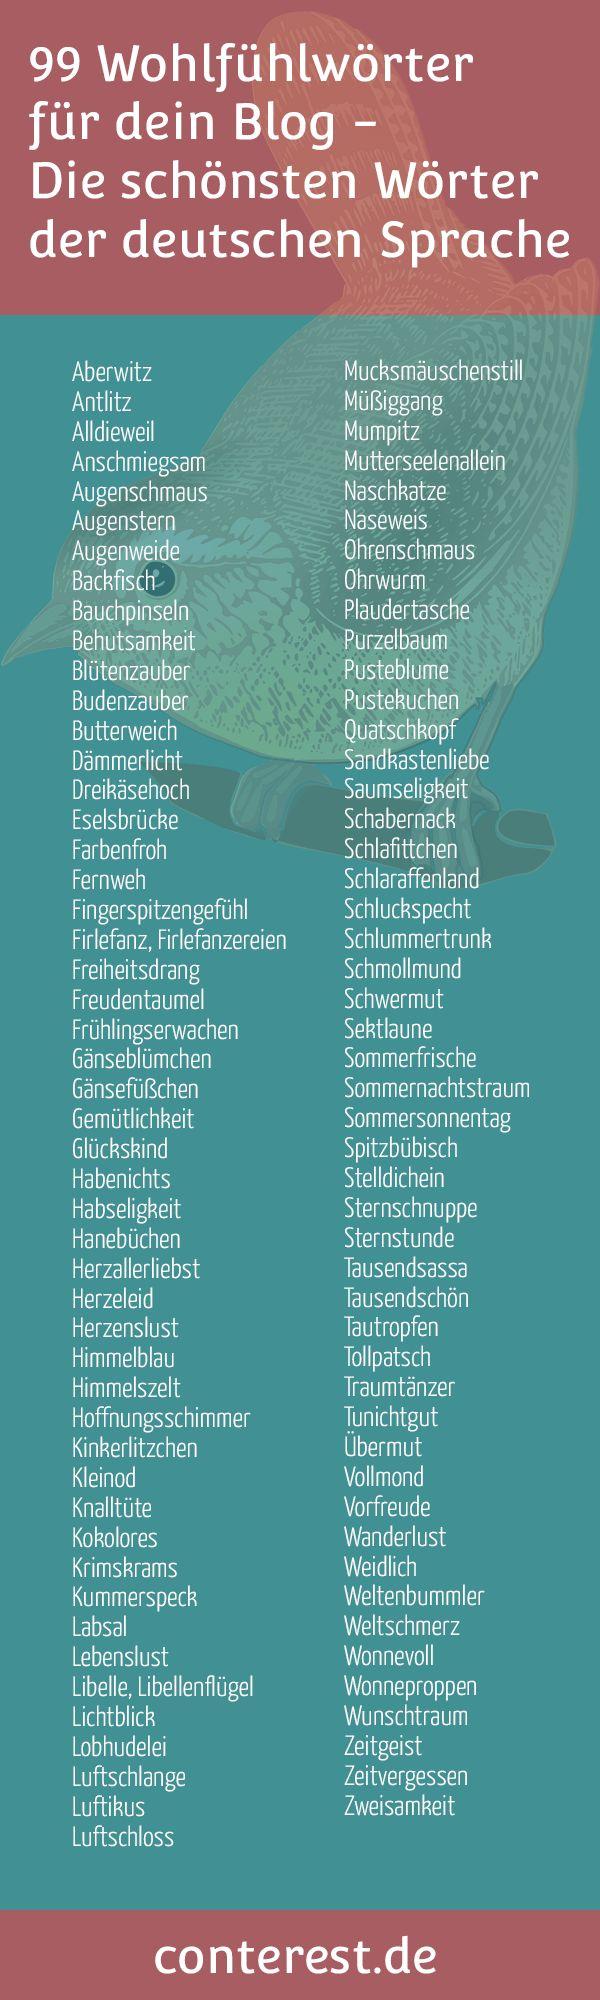 Wohlfühlwörter für dein Blog — Die schönsten Wörter der deutschen Sprache — Conterest